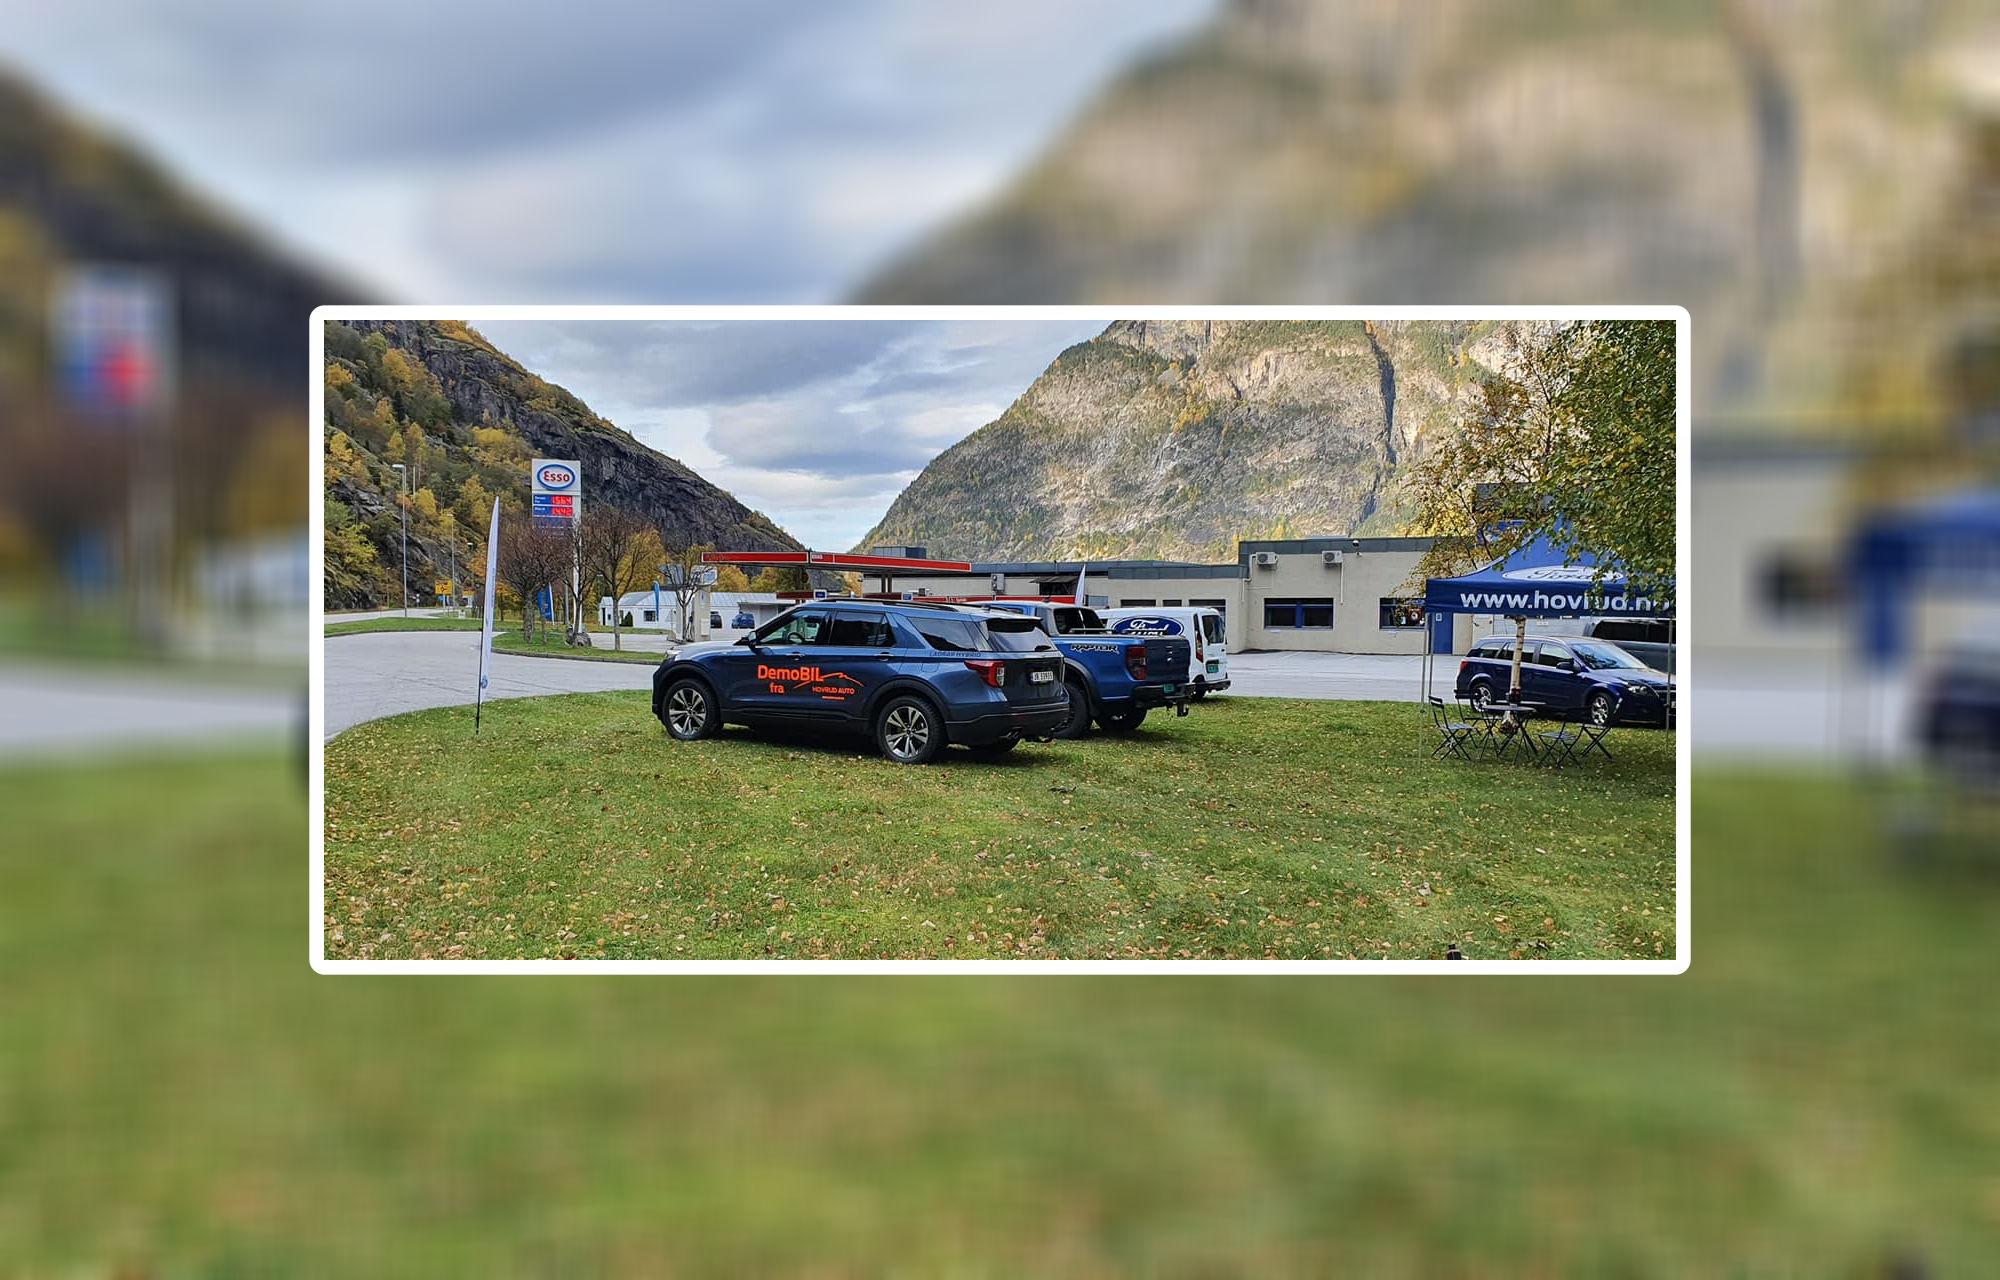 Hovrud Auto i Lærdal og Øvre Årdal